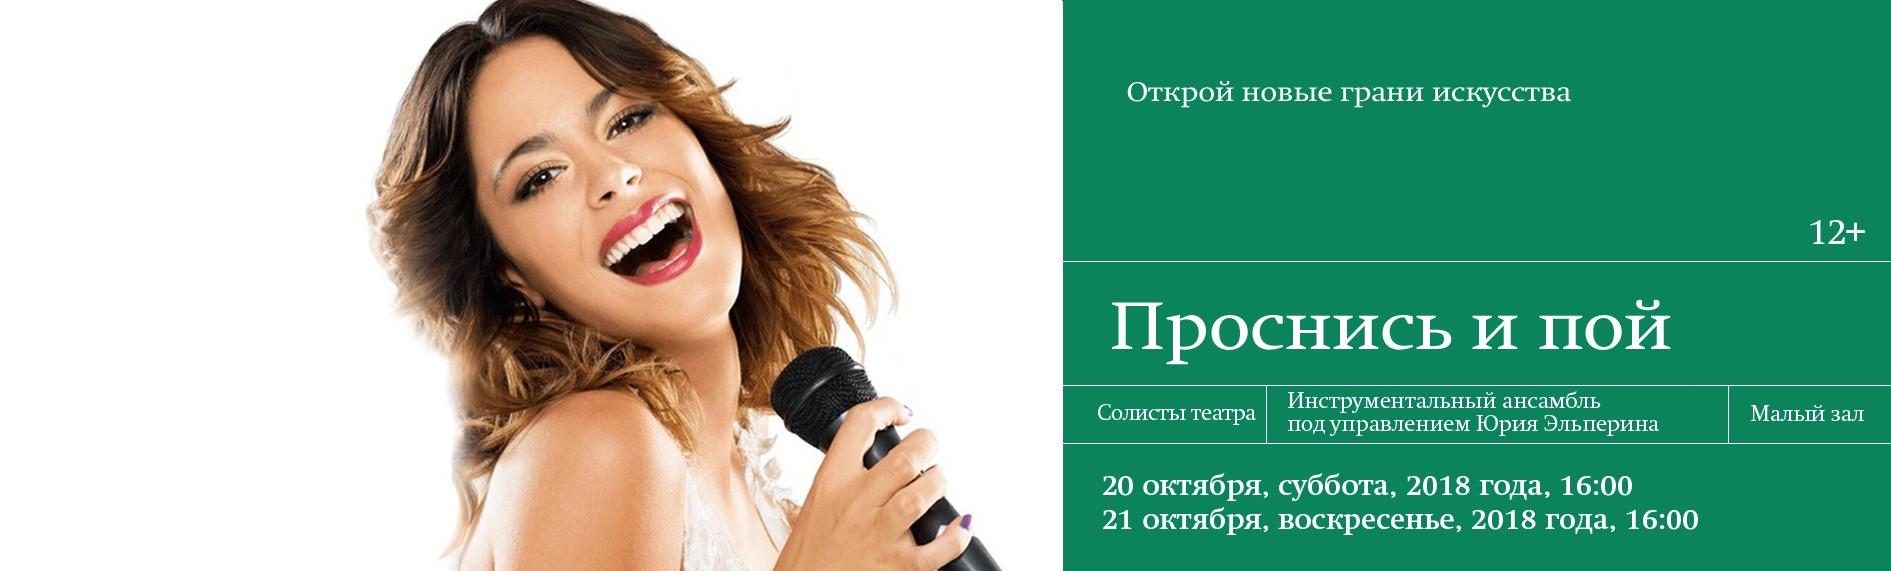 Концерт «Проснись и пой»